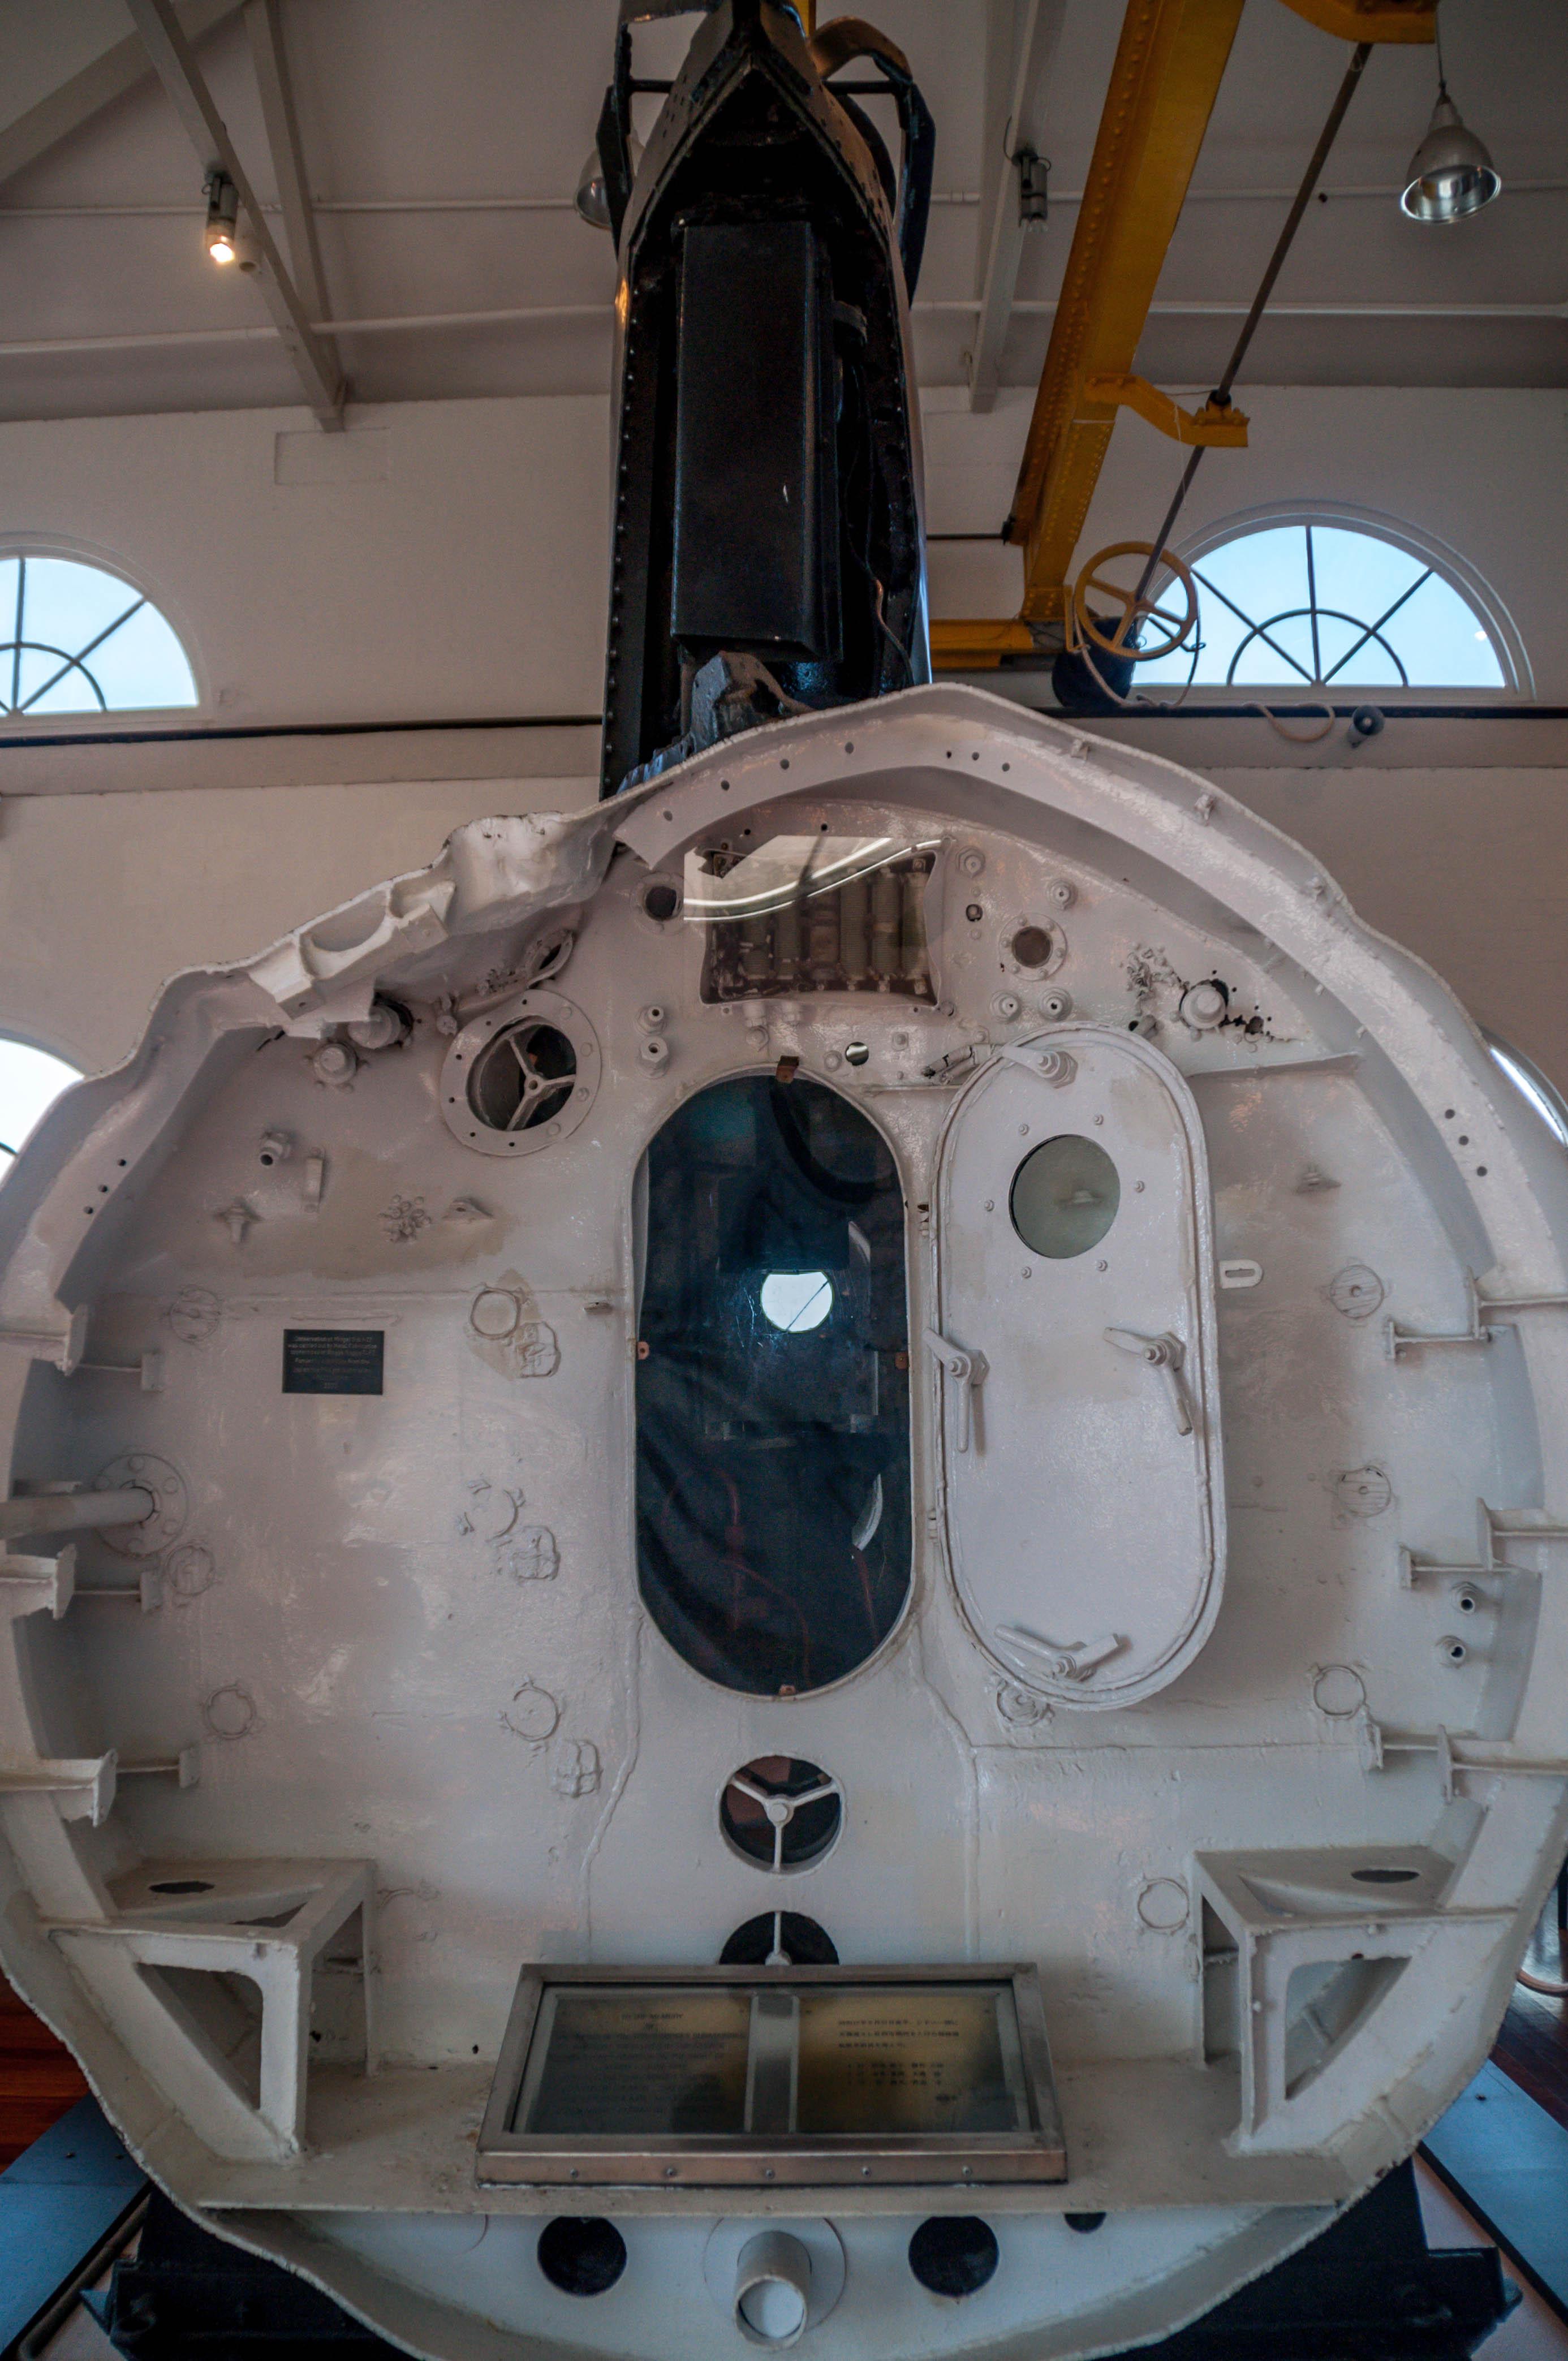 Her fucking The midget submarine stunning